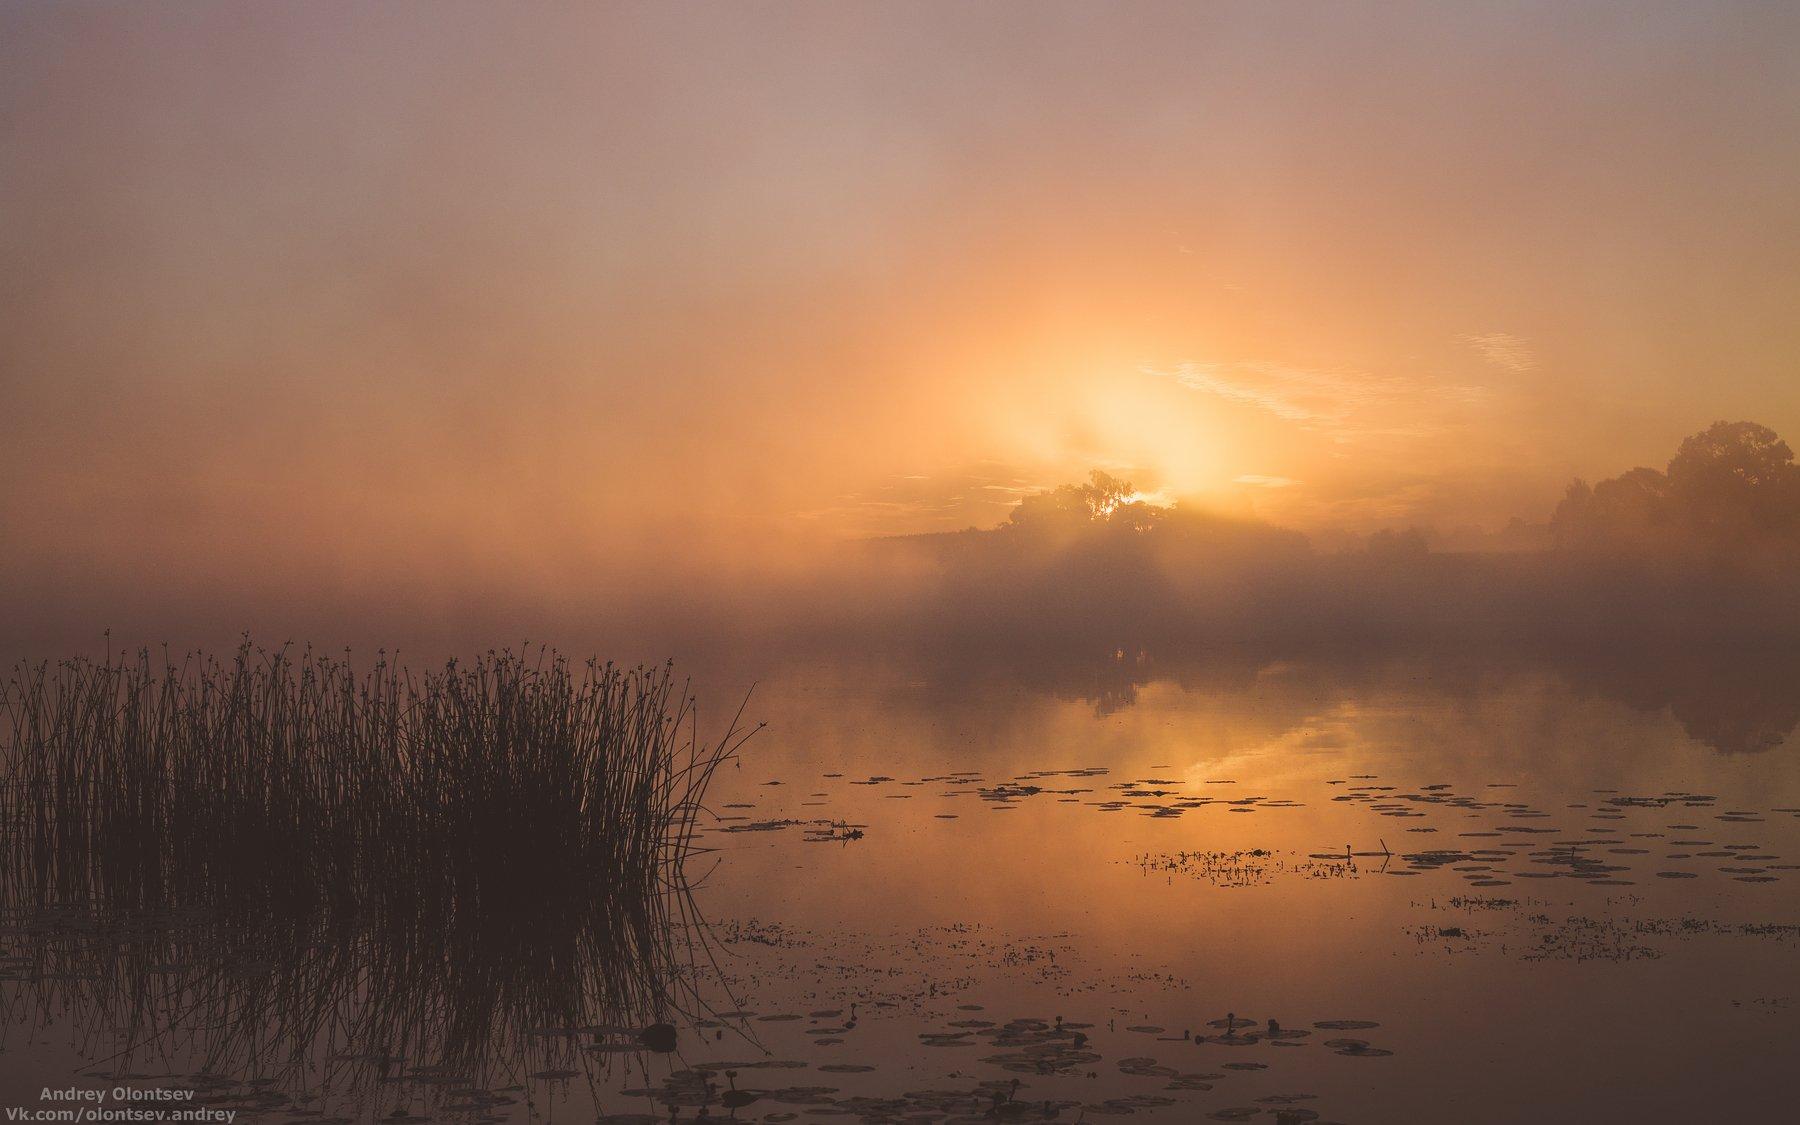 Дубна, Пейзажи, Рассвет, Ратмино, Туман, Андрей Олонцев